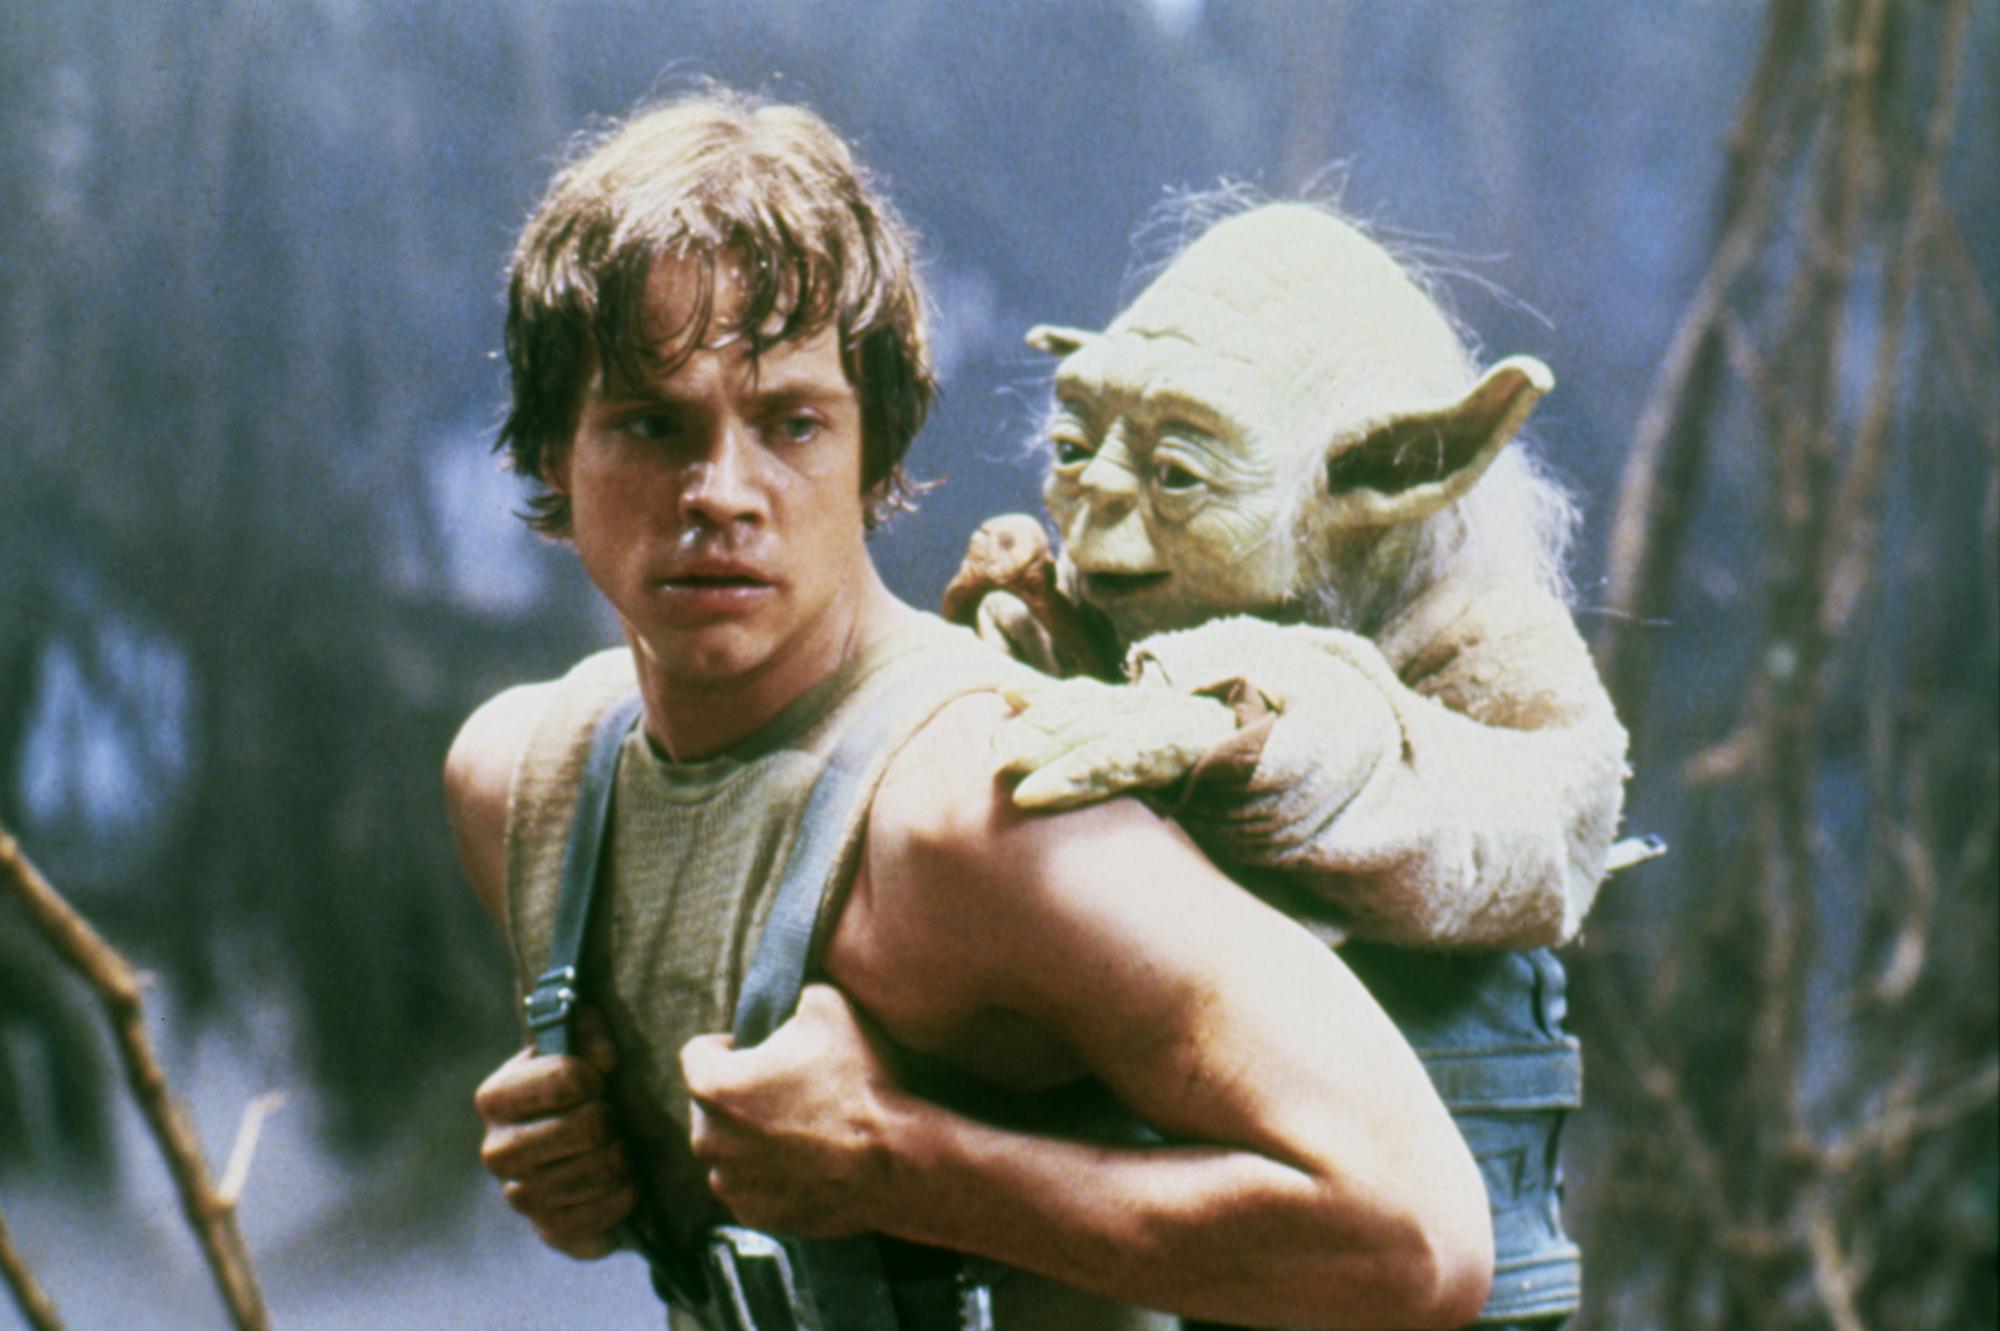 Luke Skywalker (Mark Hamill) in 'Star Wars: Episode V - The Empire Strikes Back' directed by Irvin Kershner